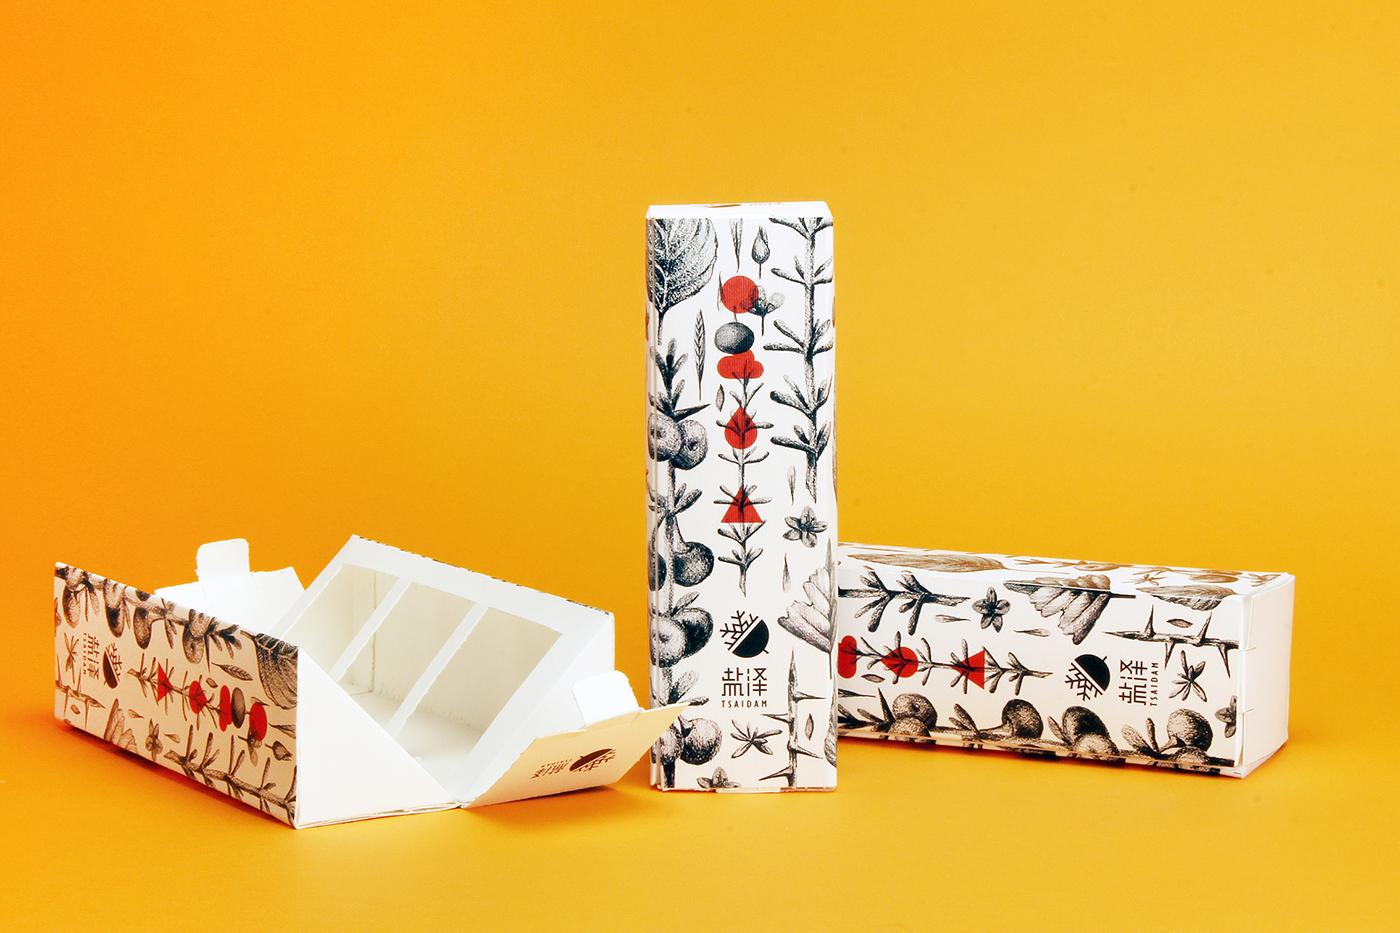 全球茶叶包装设计百花争艳,这次中国会比日本好吗?